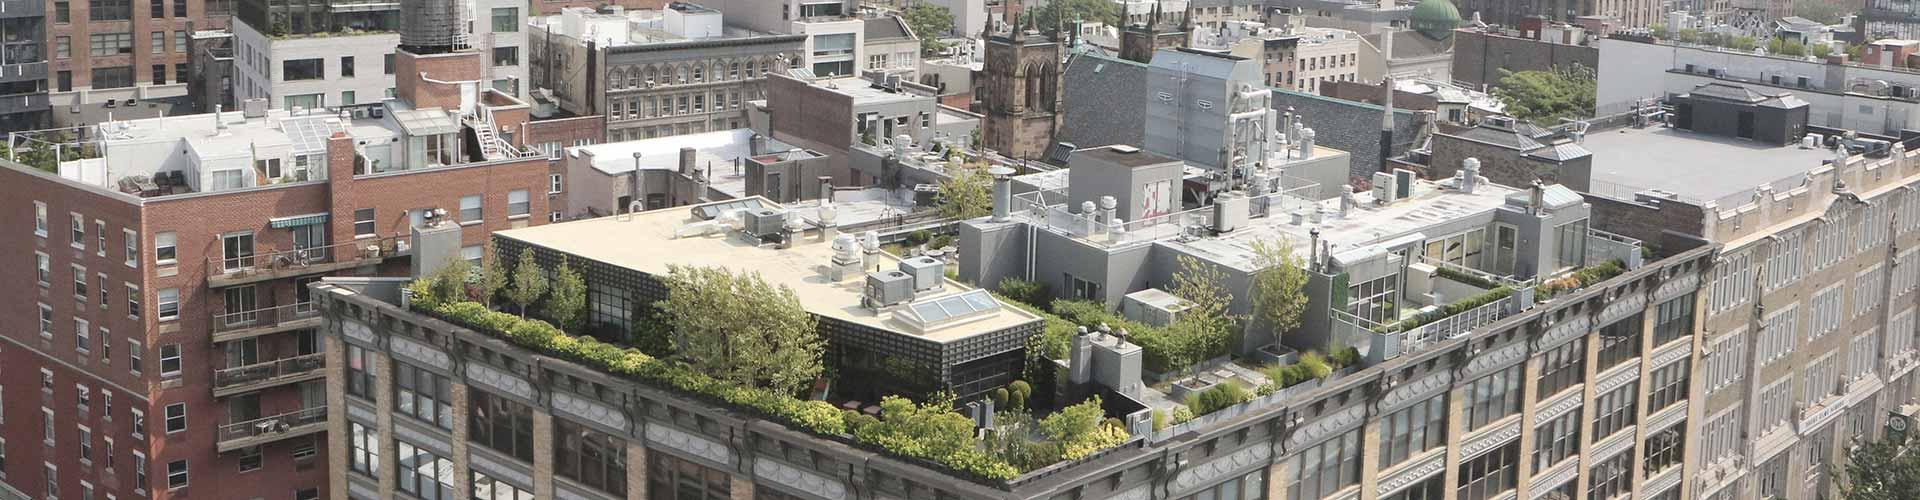 Dachbegruenung koeln gartenbau und landschaftsbau aus erftstadt wir planen und bauen ihren - Gartenbau erftstadt ...